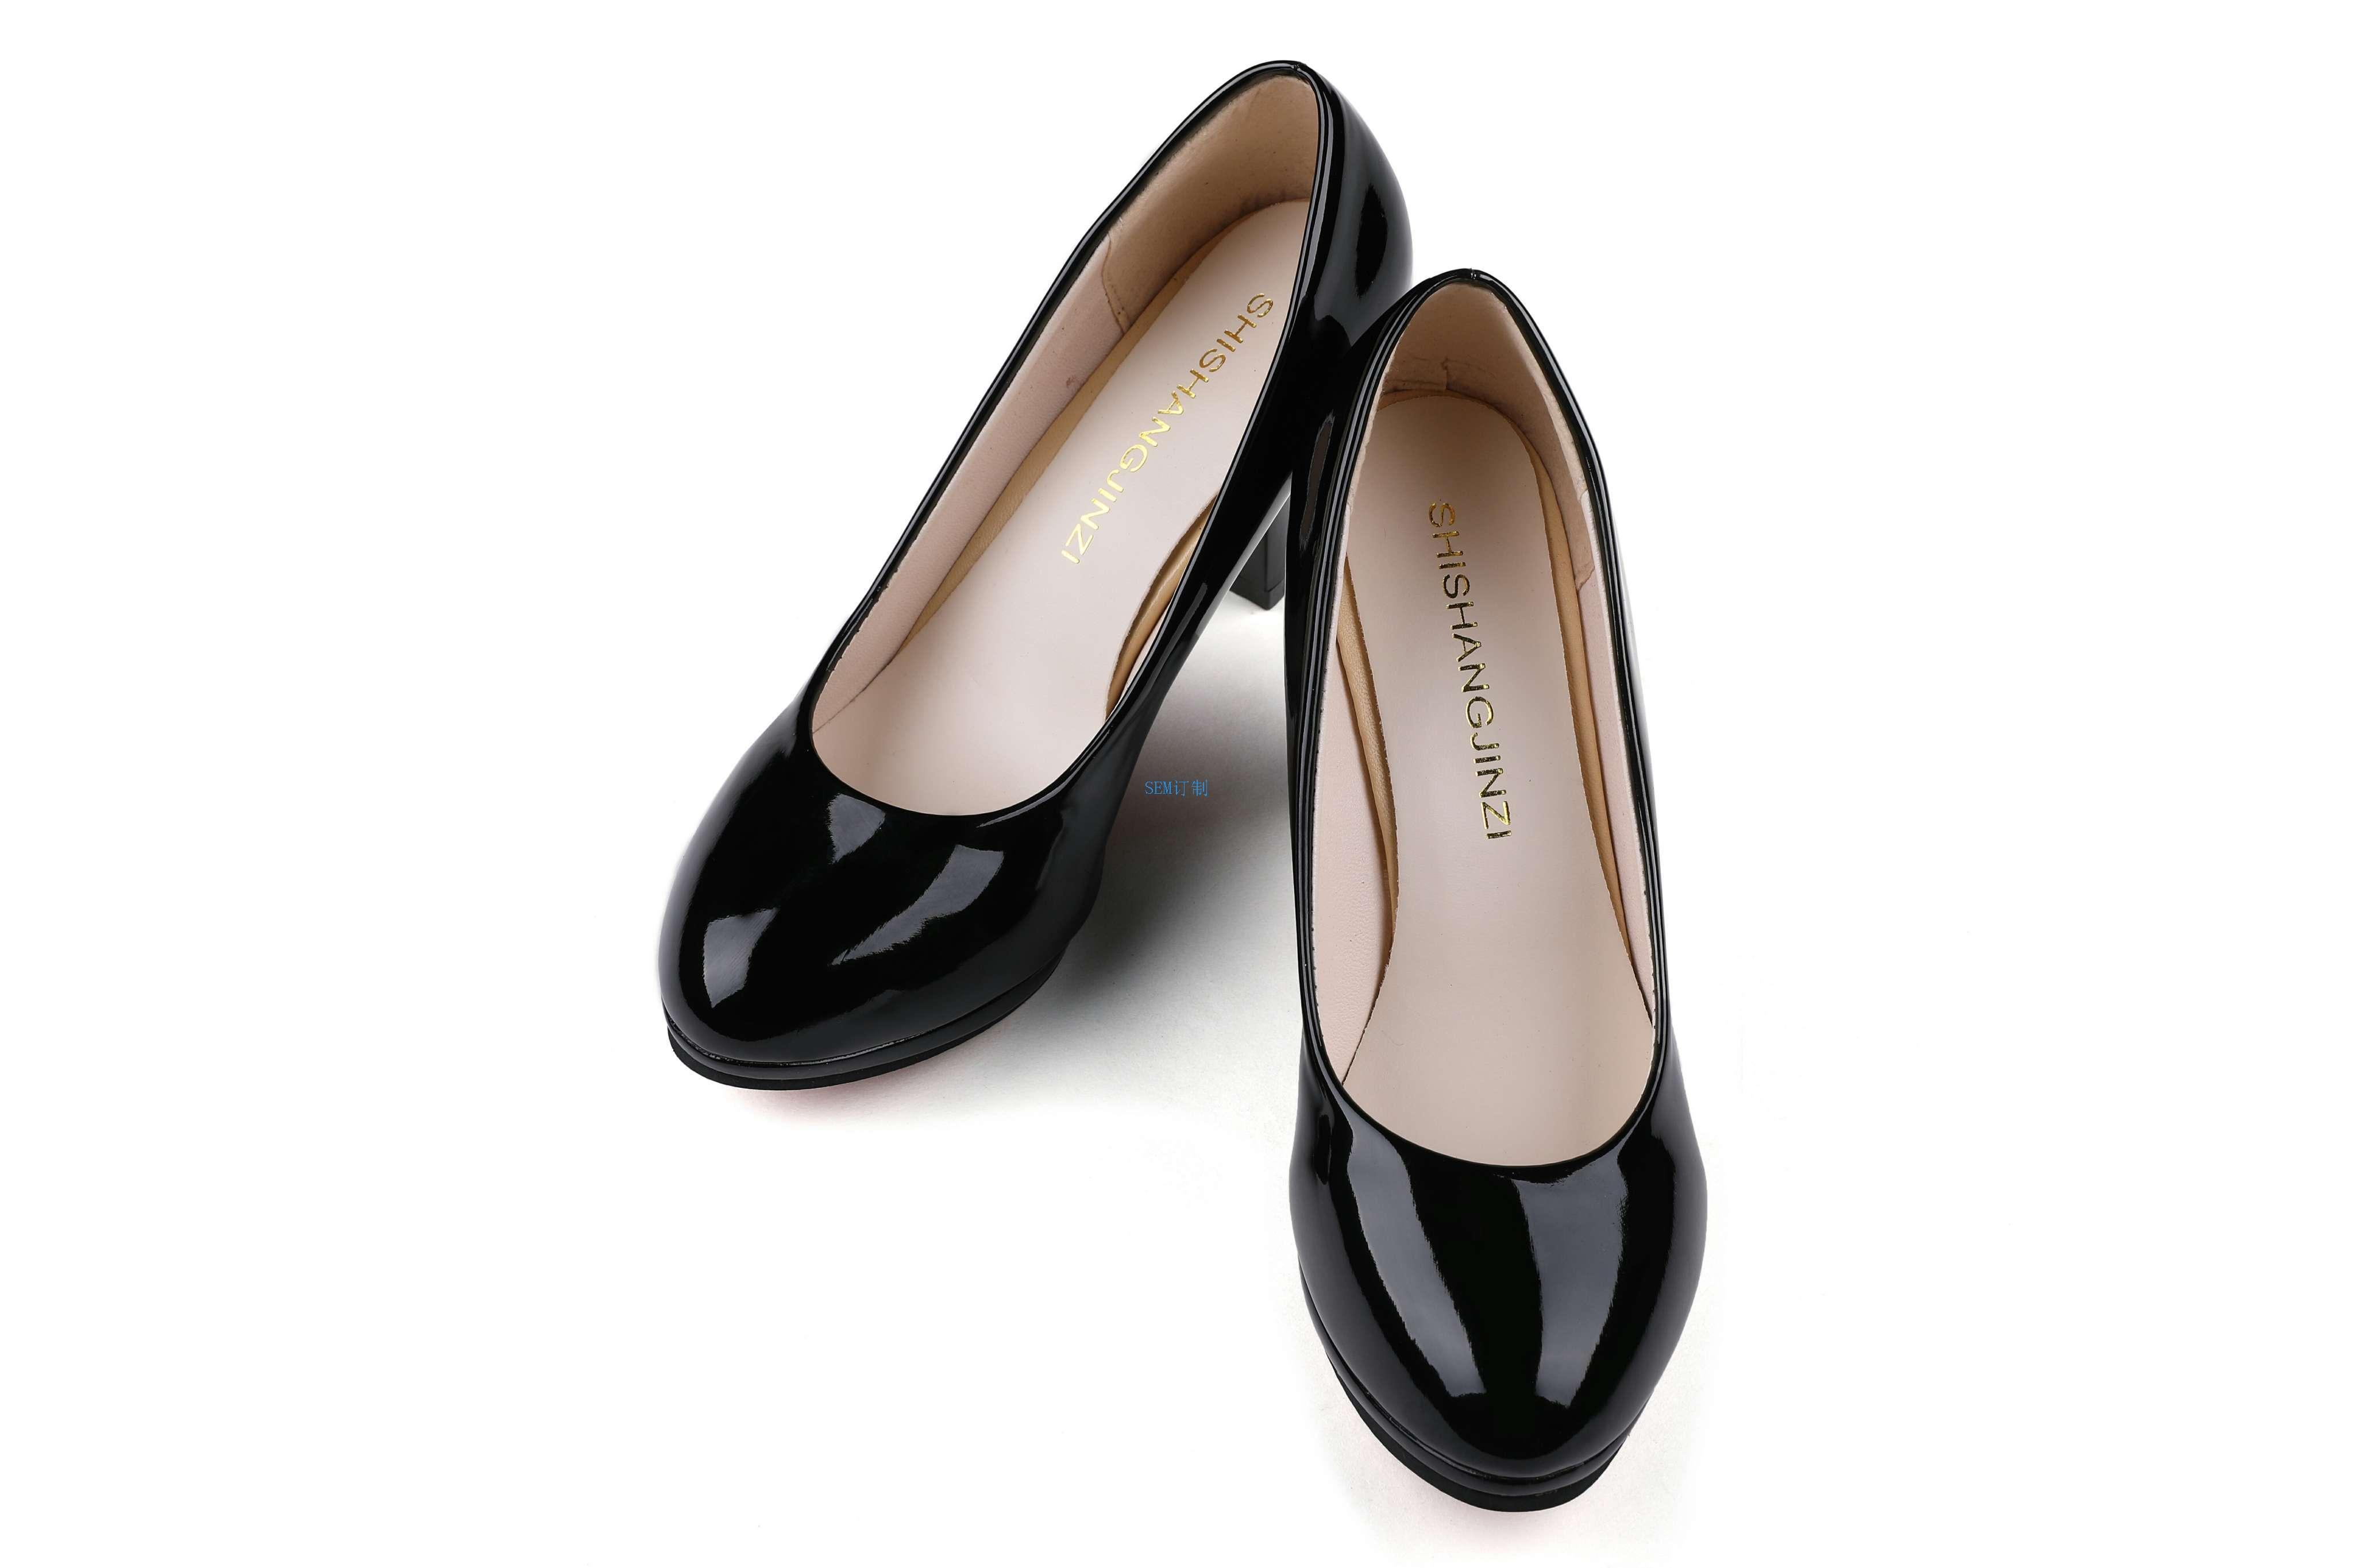 女士正装鞋品牌_PU 工装皮鞋女款正装皮鞋